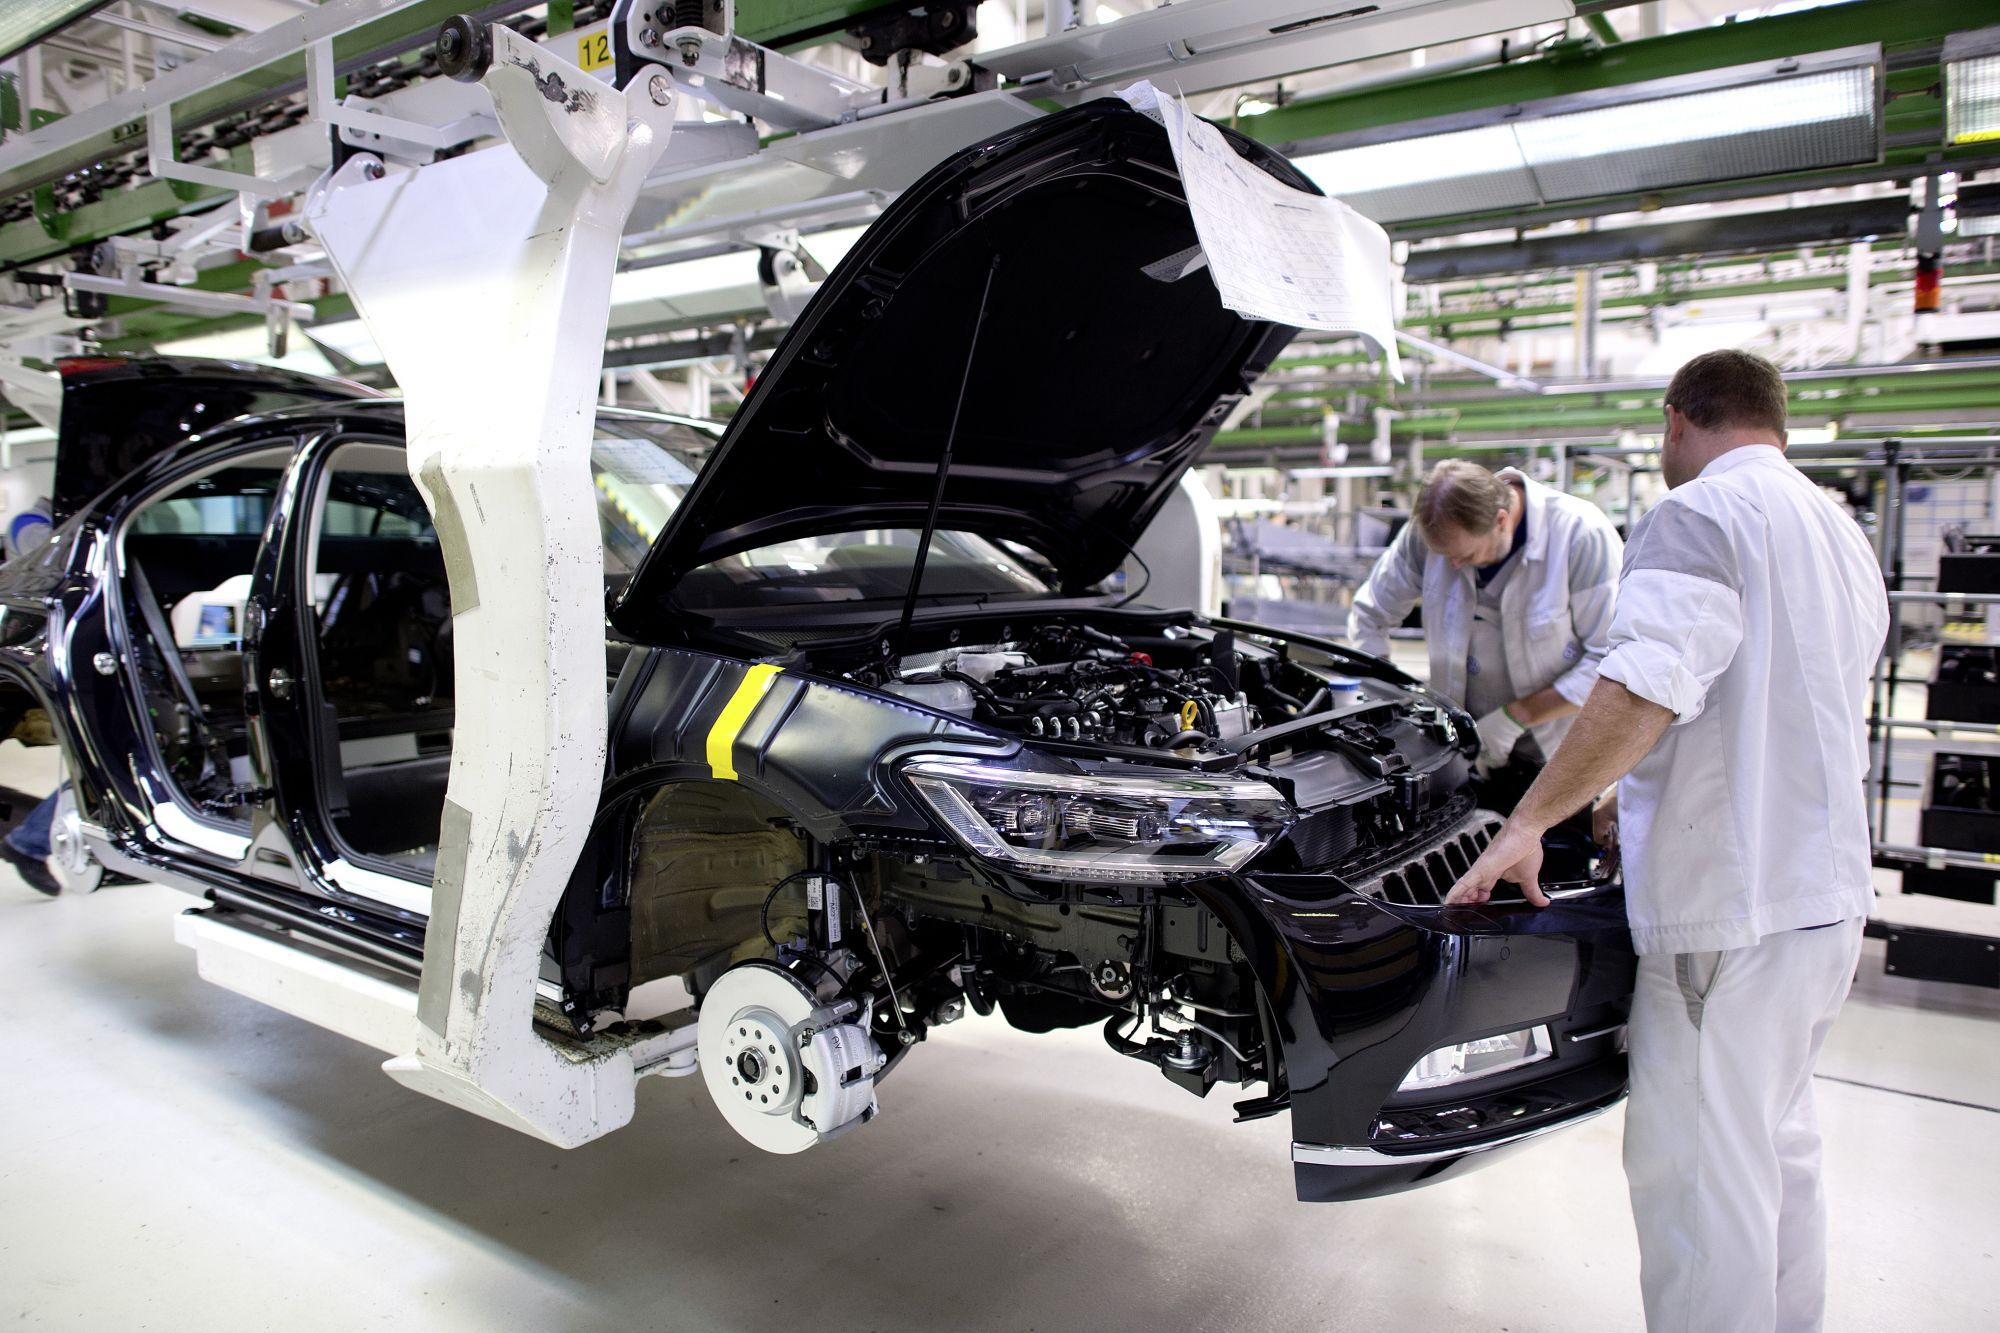 Lieferstopp Trifft Rund 28 000 Vw Mitarbeiter Teils Tagelang